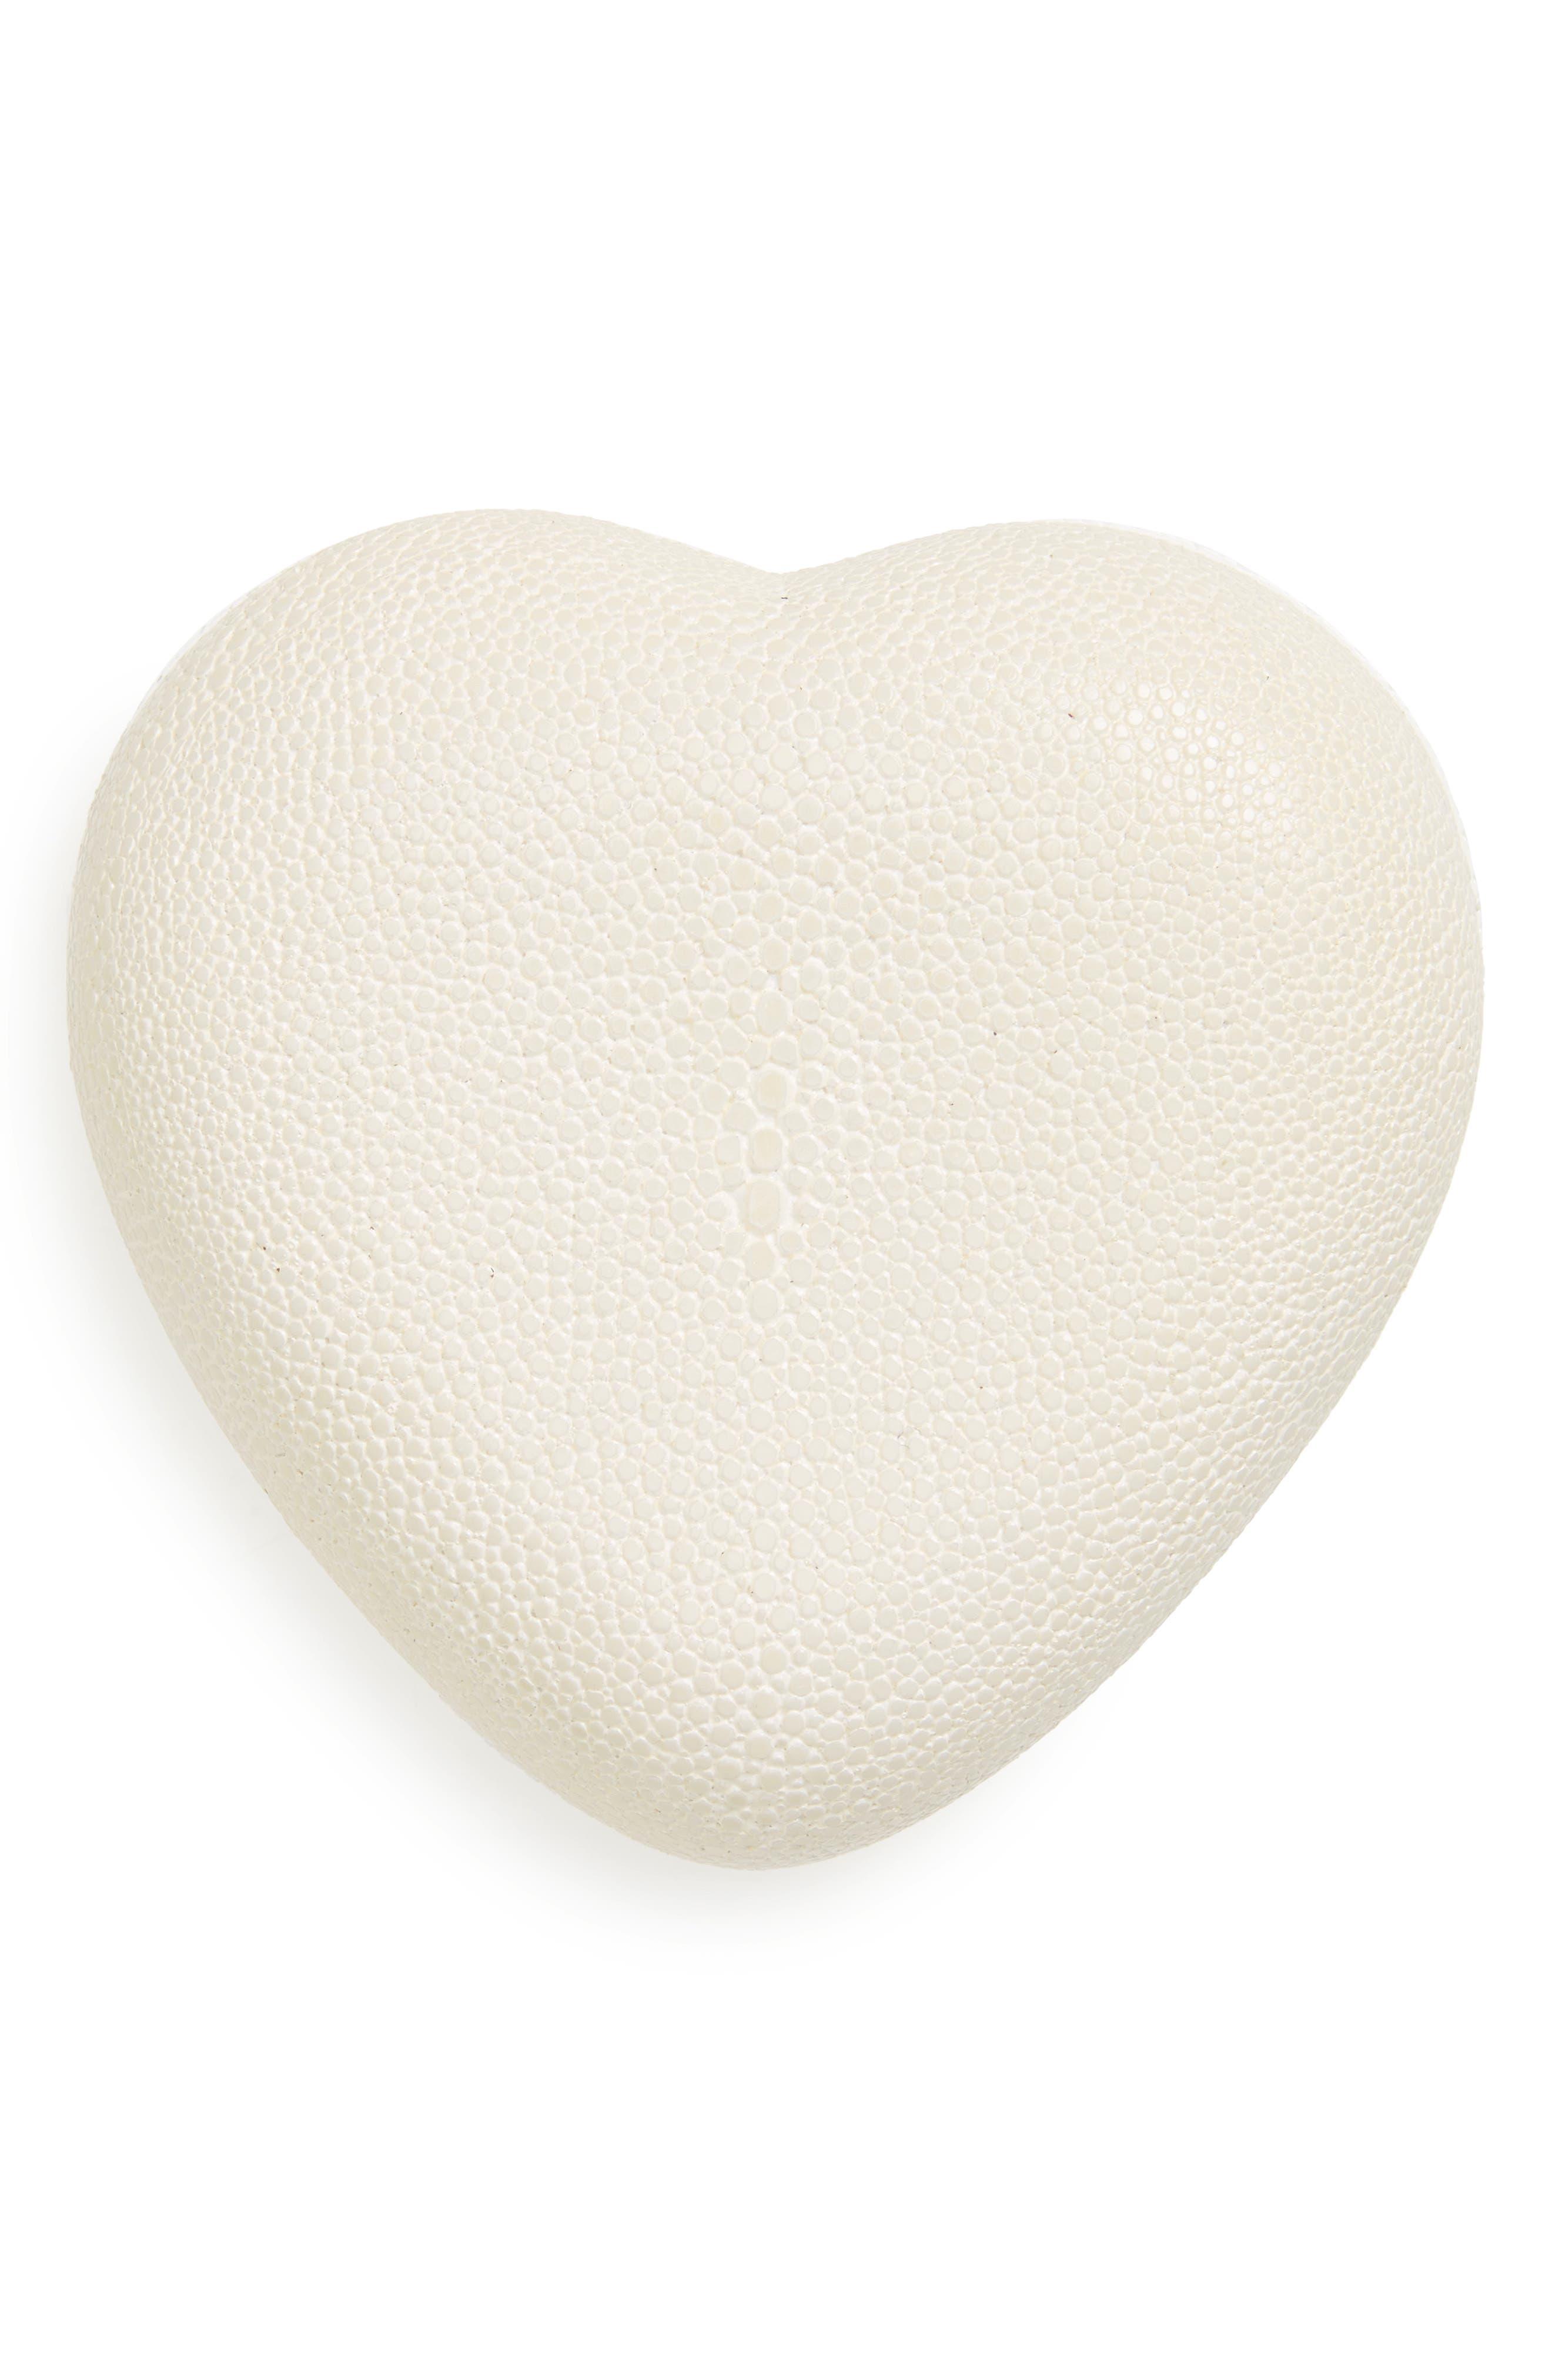 Main Image - AERIN Shagreen Heart Box